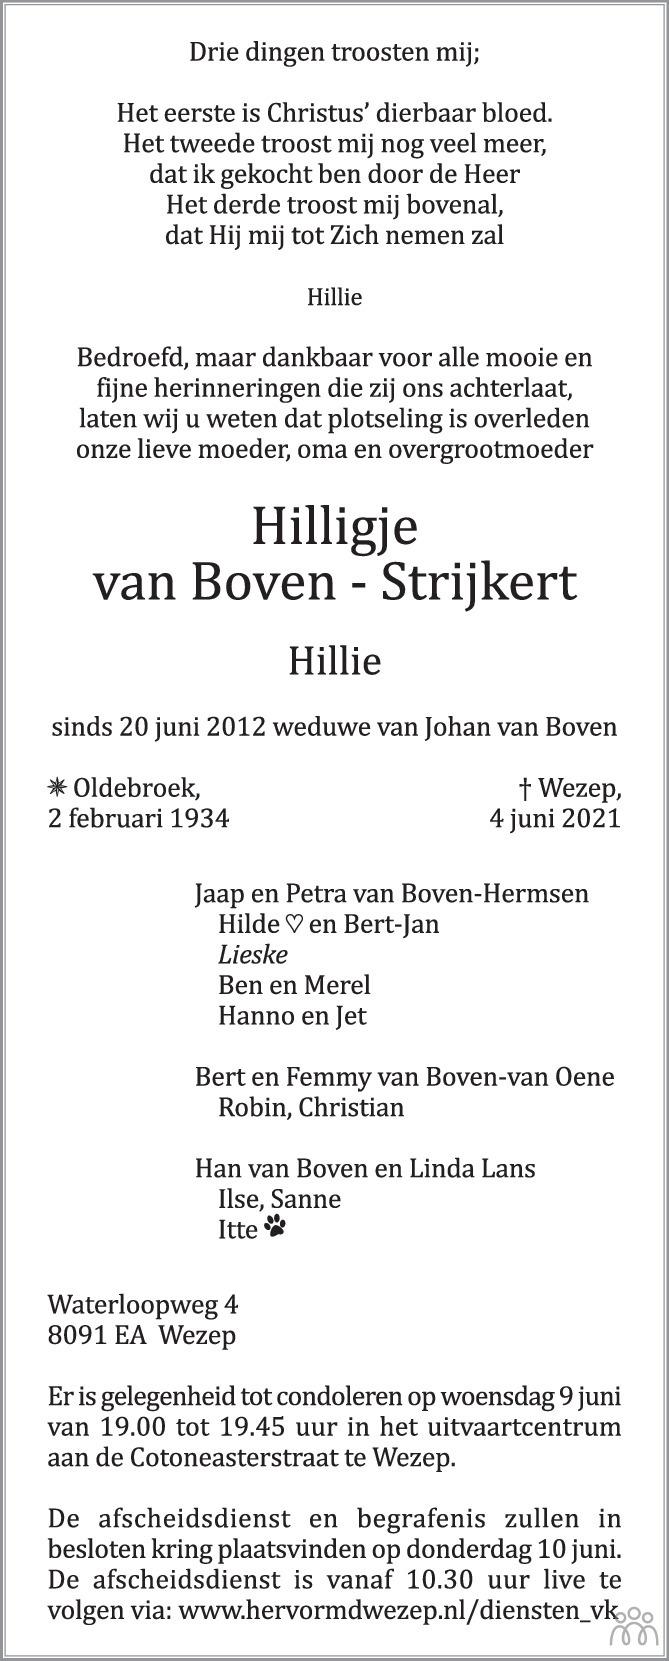 Overlijdensbericht van Hilligje (Hillie) van Boven-Strijkert in de Stentor